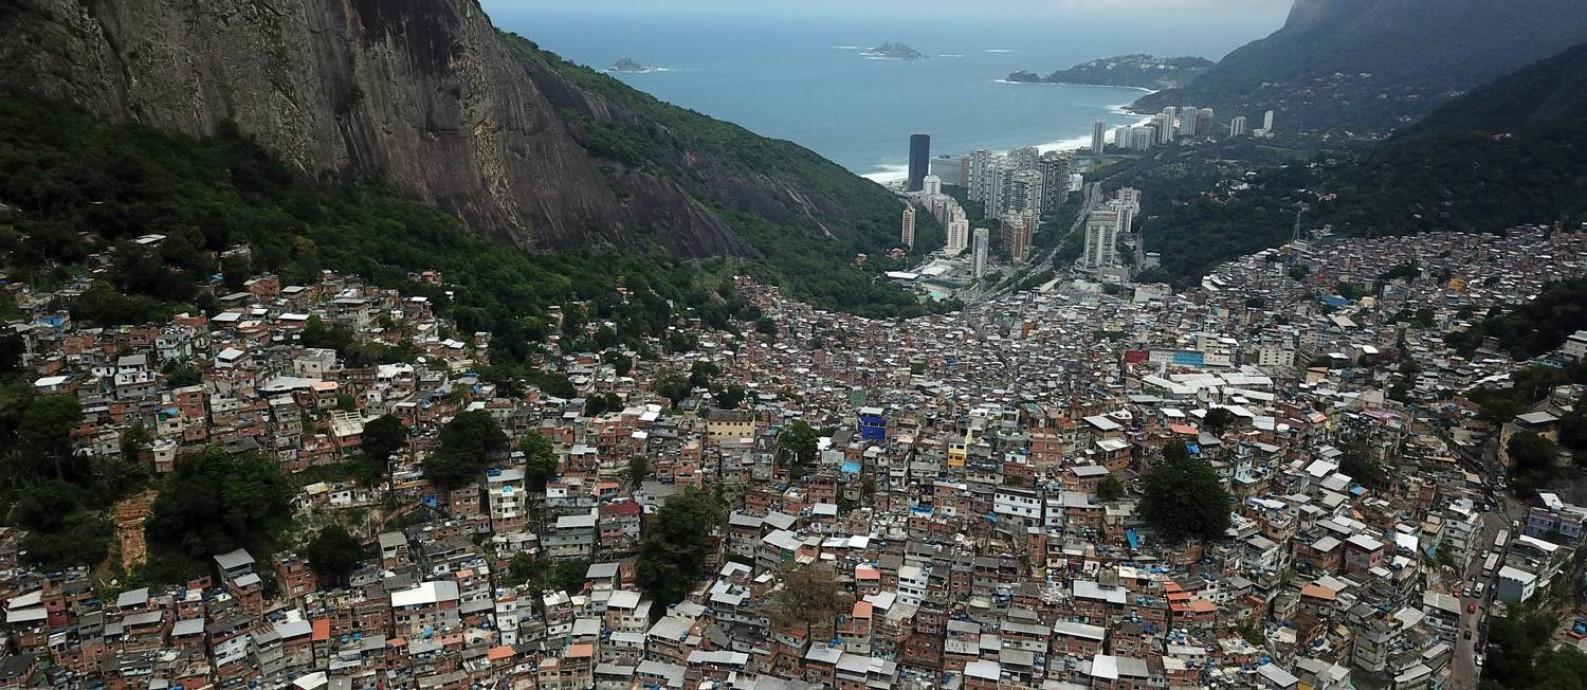 Contraste: de um lado, a Zona Sul carioca, de outro, a favela da Rocinha Foto: Custódio Coimbra / Agência O Globo/16-10-2019